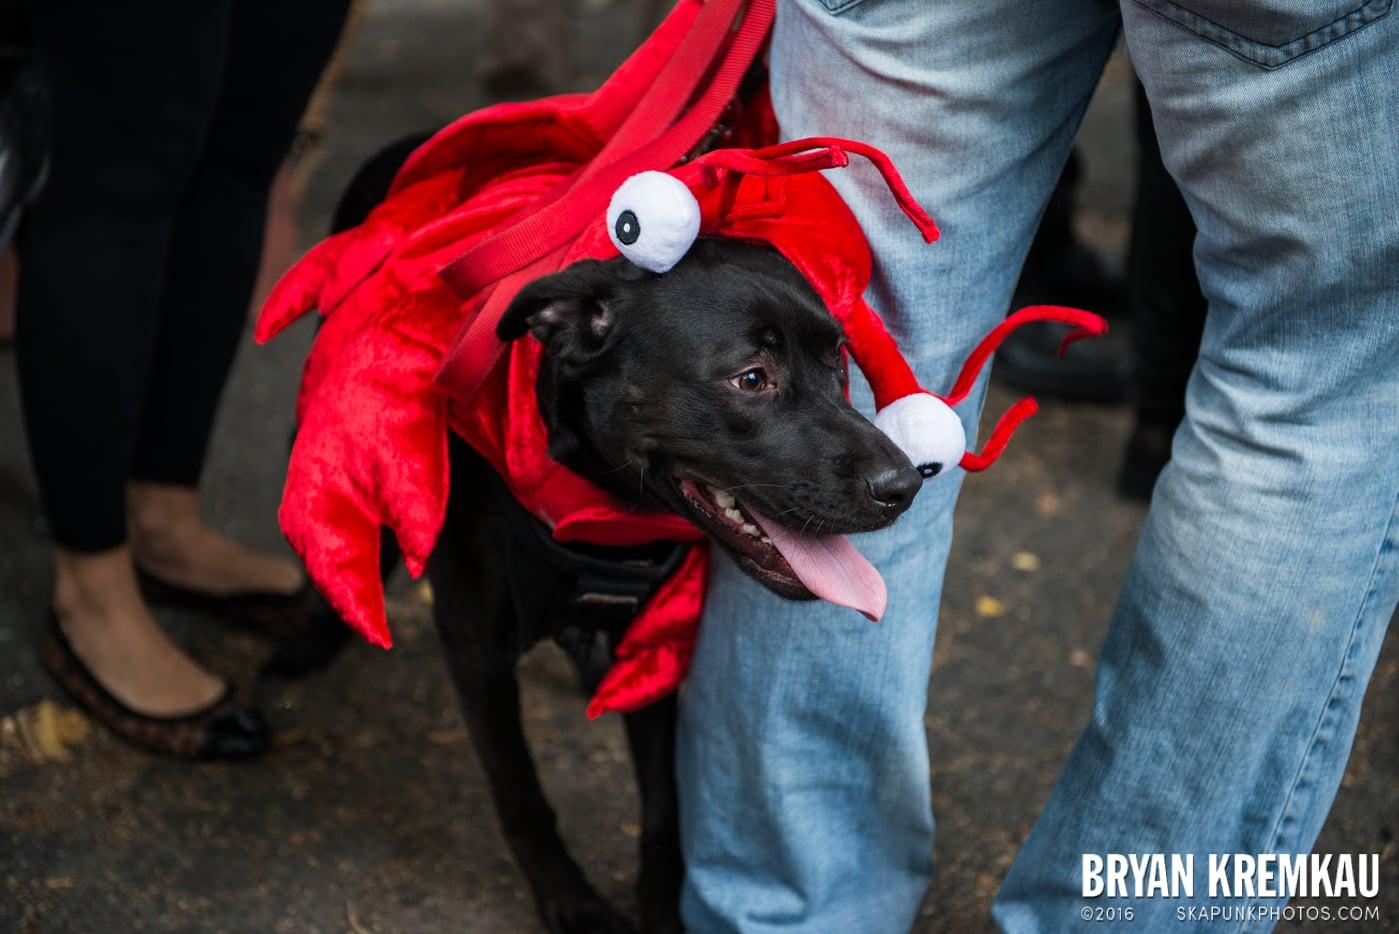 Tompkins Square Halloween Dog Parade 2015 @ Tompkins Square Park, NYC – 10.24.15 (27)